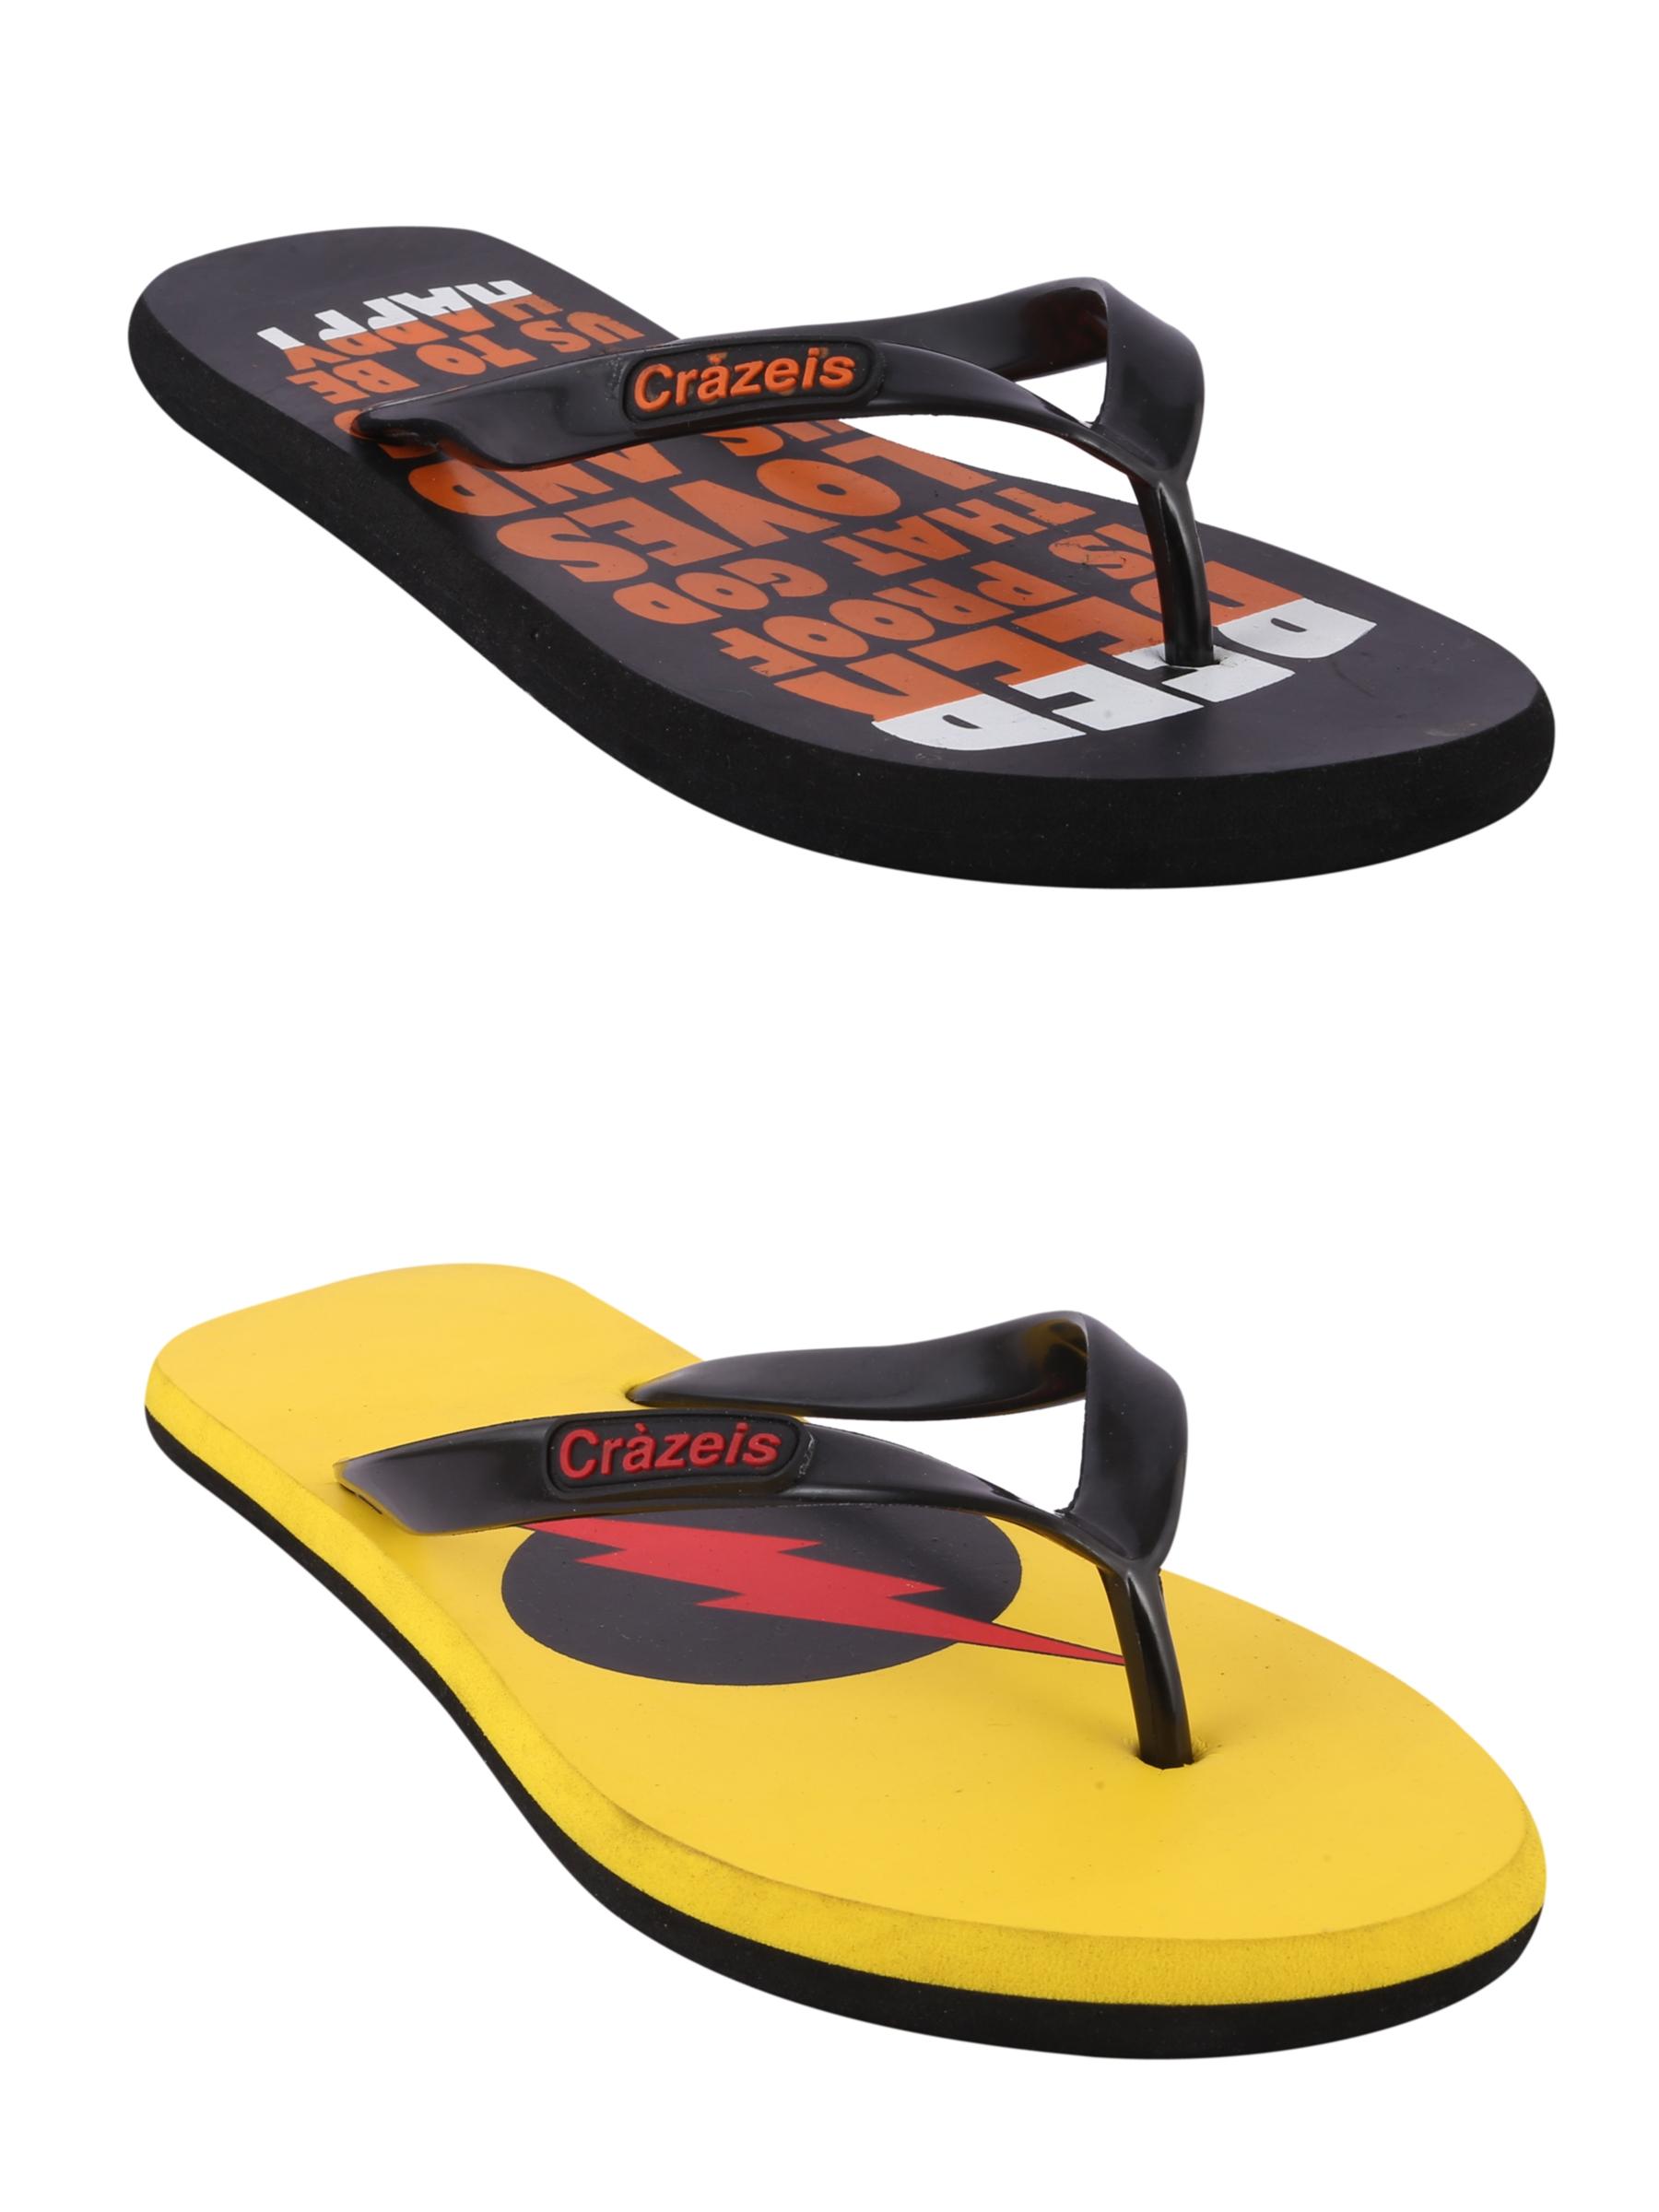 crazeis2 Crazeis Flip-flops Pack Of 2 For Men-031